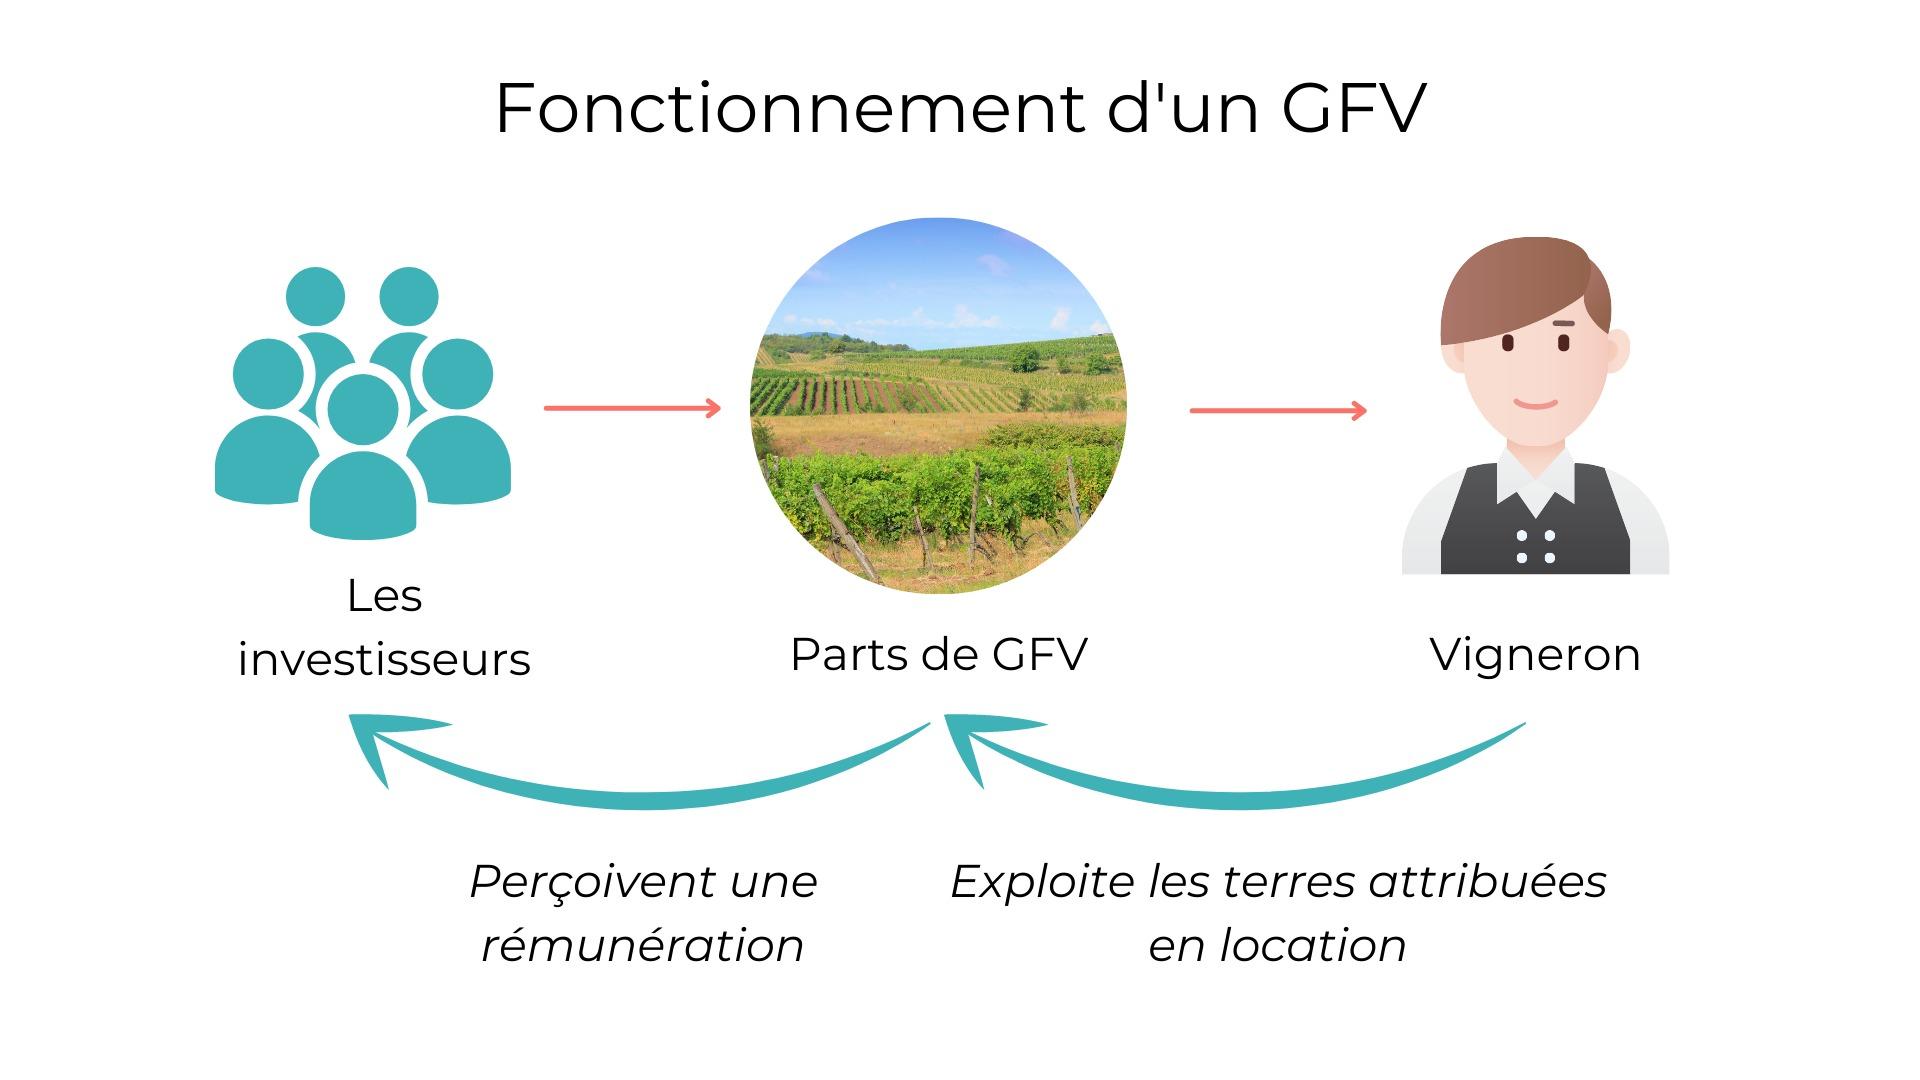 Fonctionnement d'un GFV